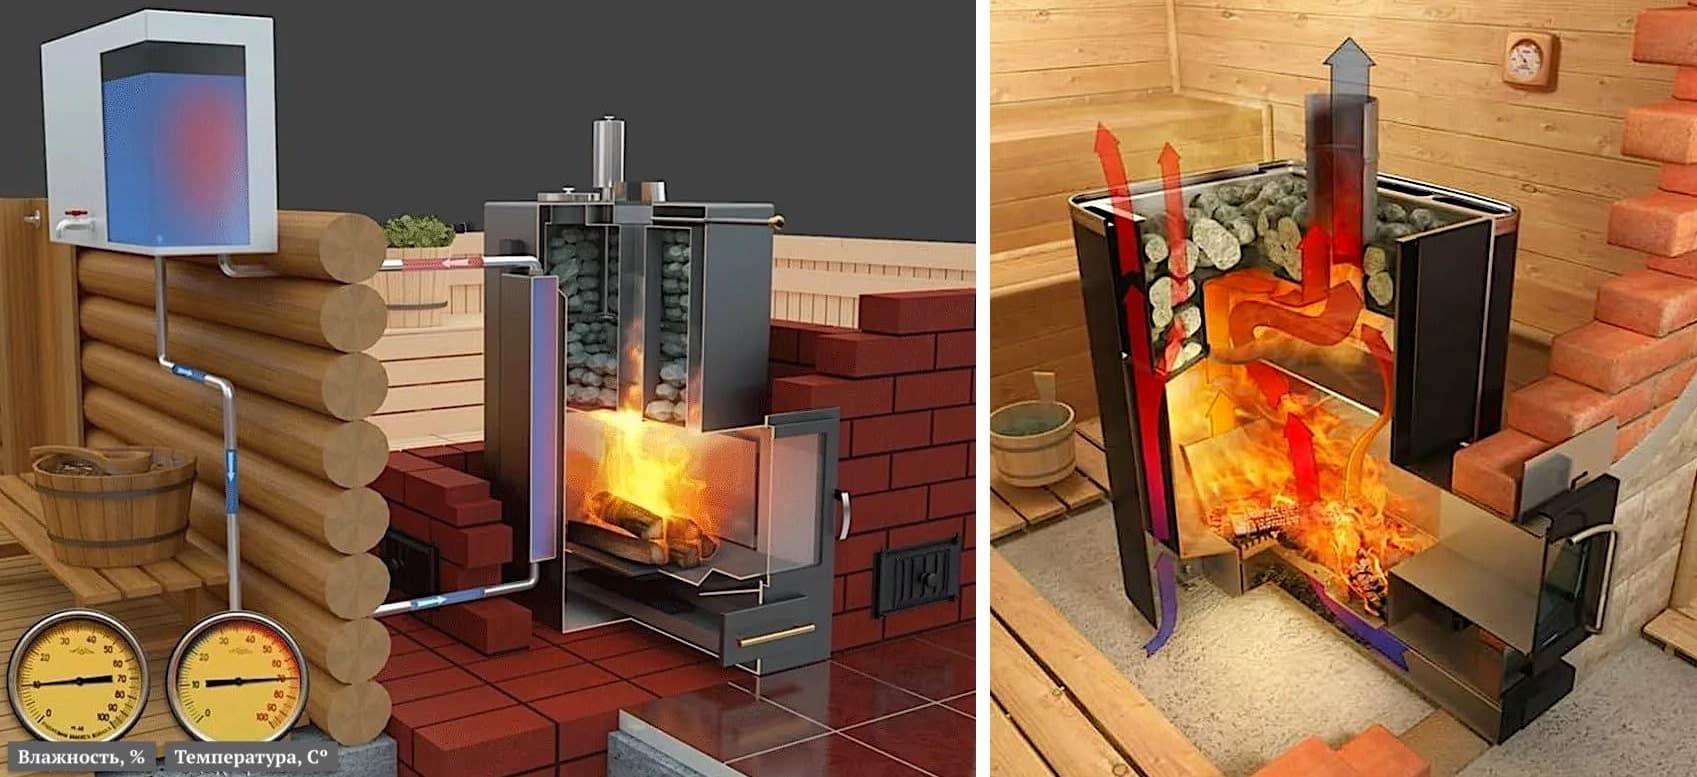 Le four avec un poêle à sauna fermé peut avoir une fonctionnalité étendue : avec un circuit d'eau, il est également utilisé pour fournir de l'eau chaude à la maison.